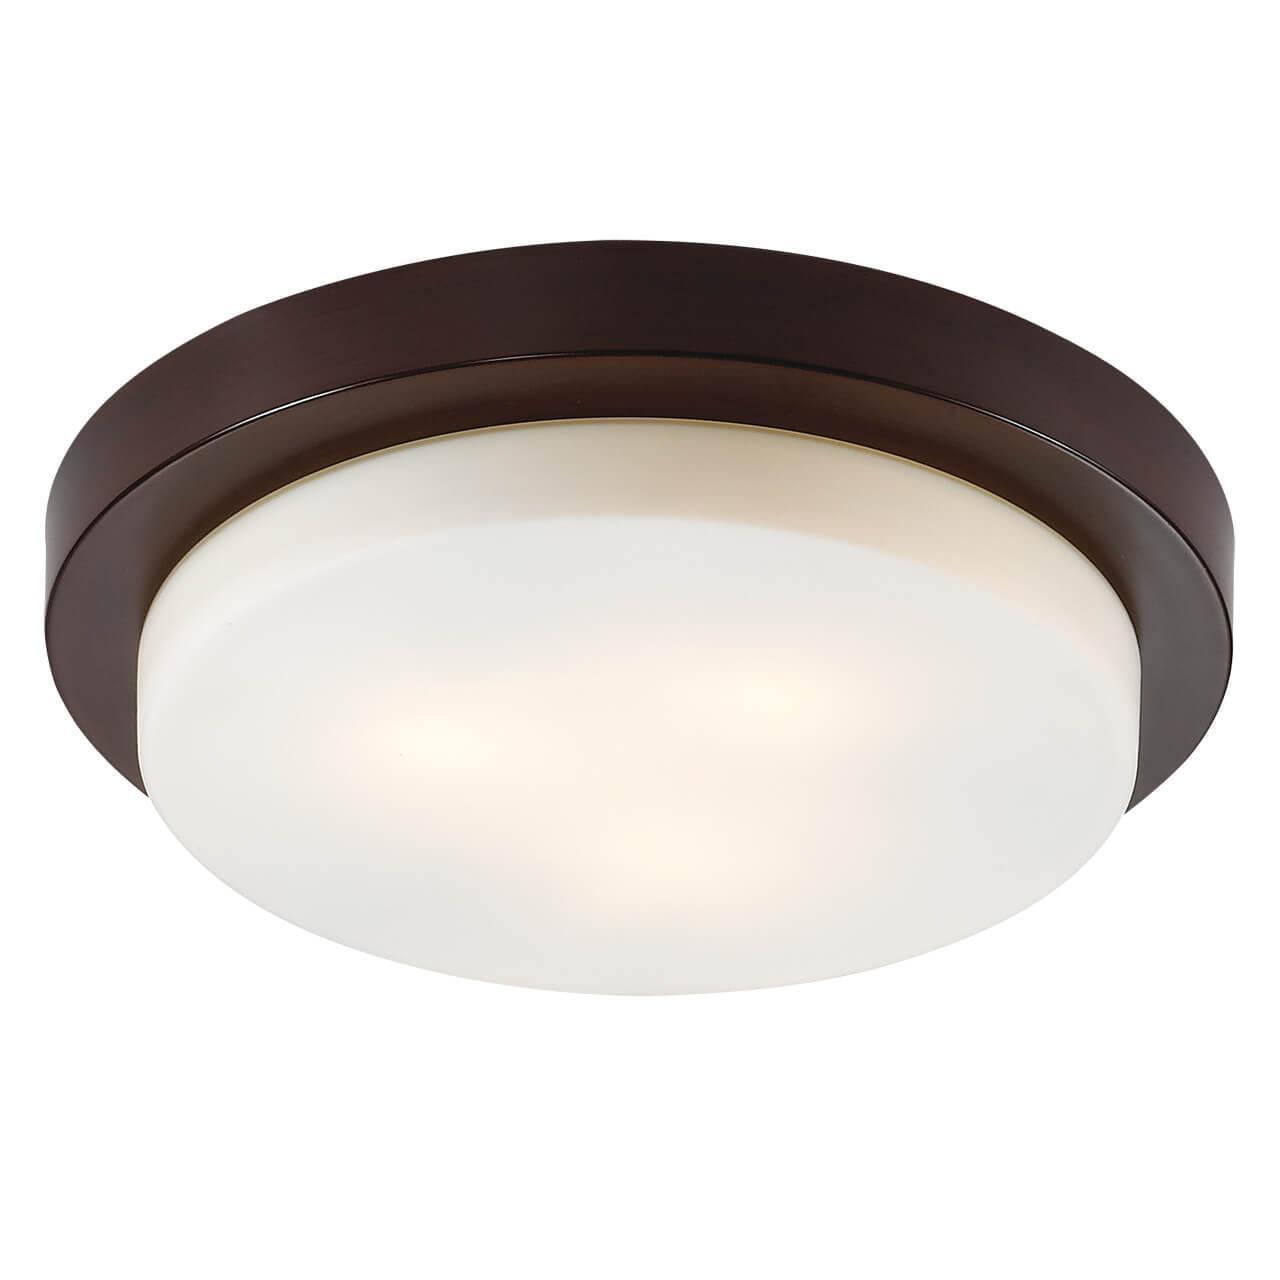 Накладной светильник Odeon Light 2744/3C, E14, 40 Вт цены онлайн